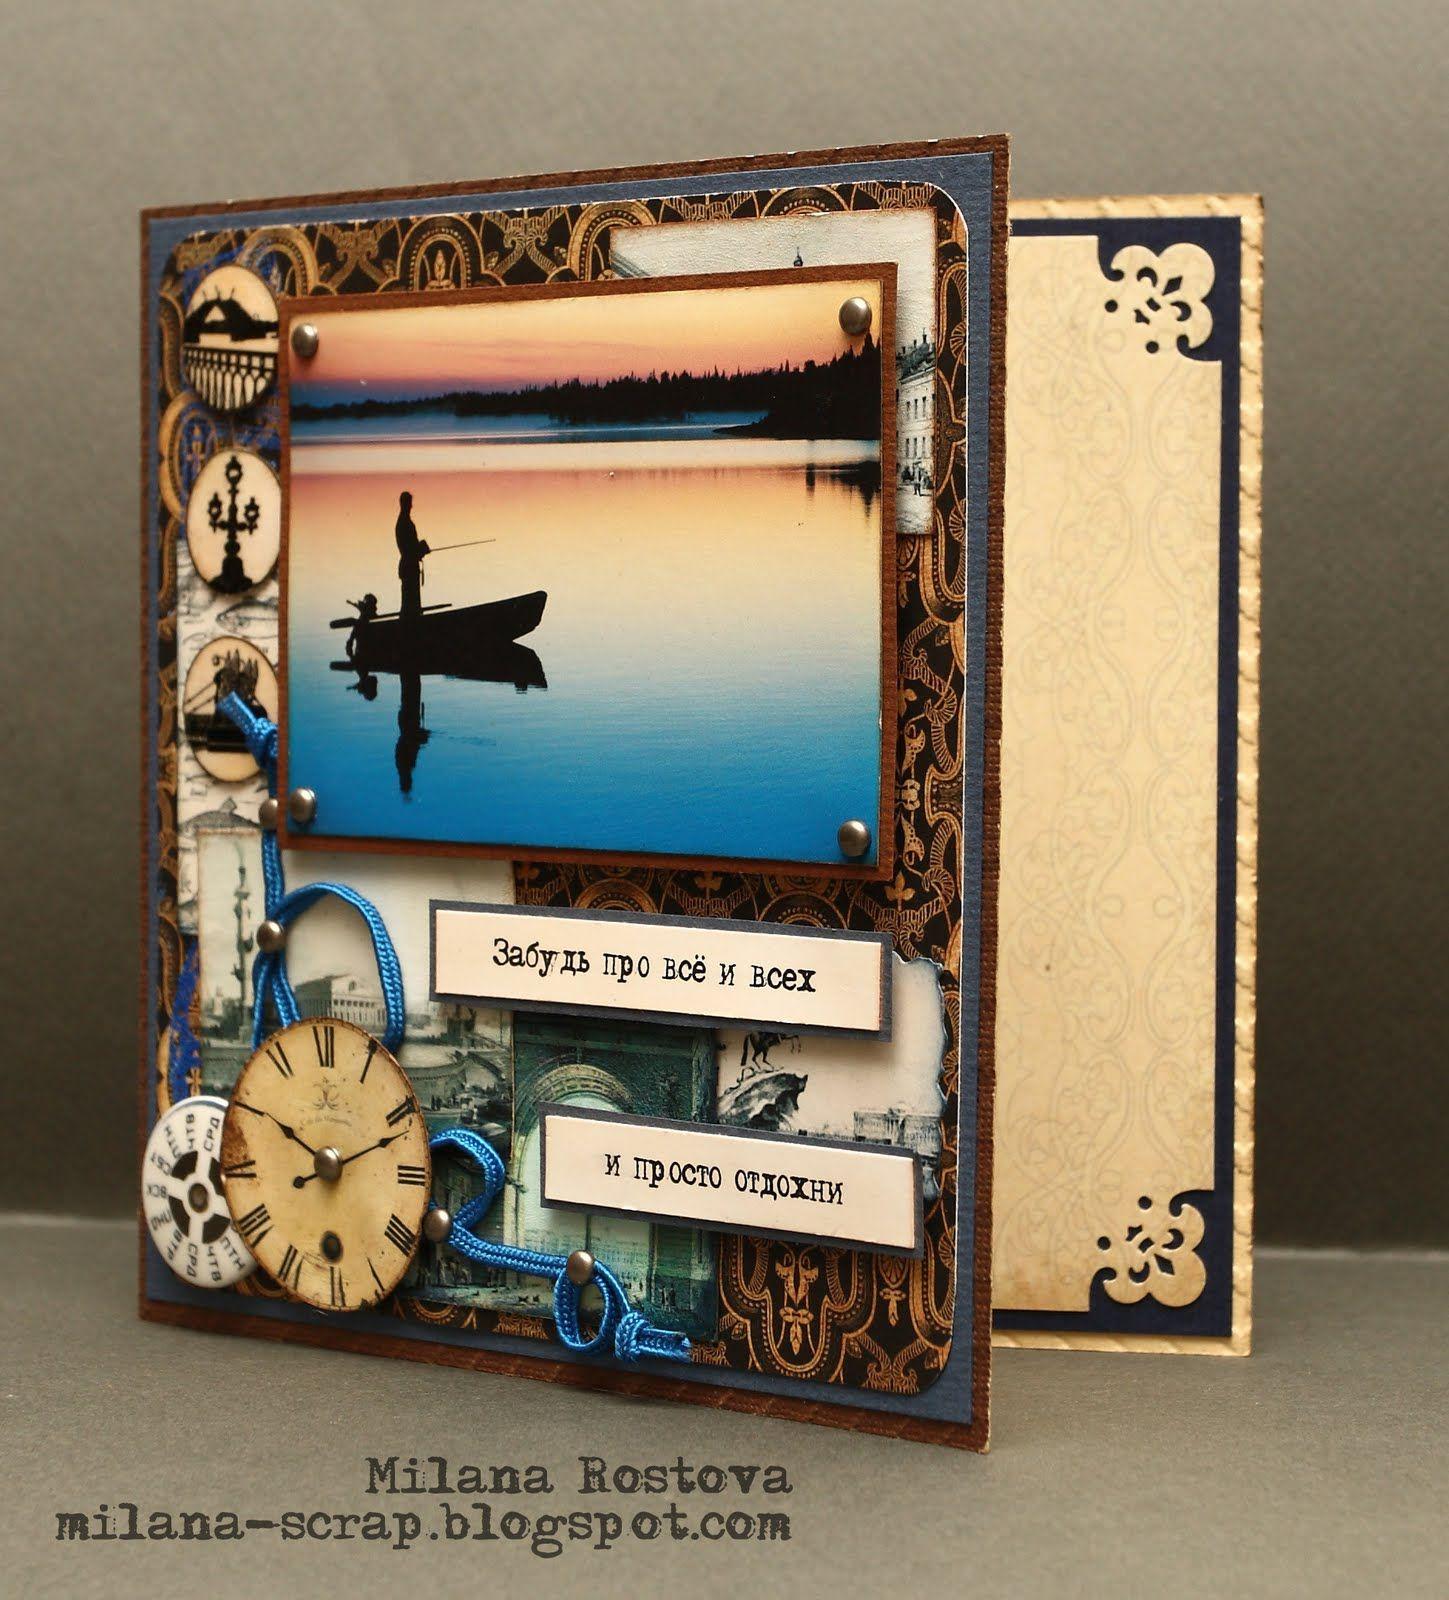 Дизайнерское оформление открытки к юбилею мужчины, учителю